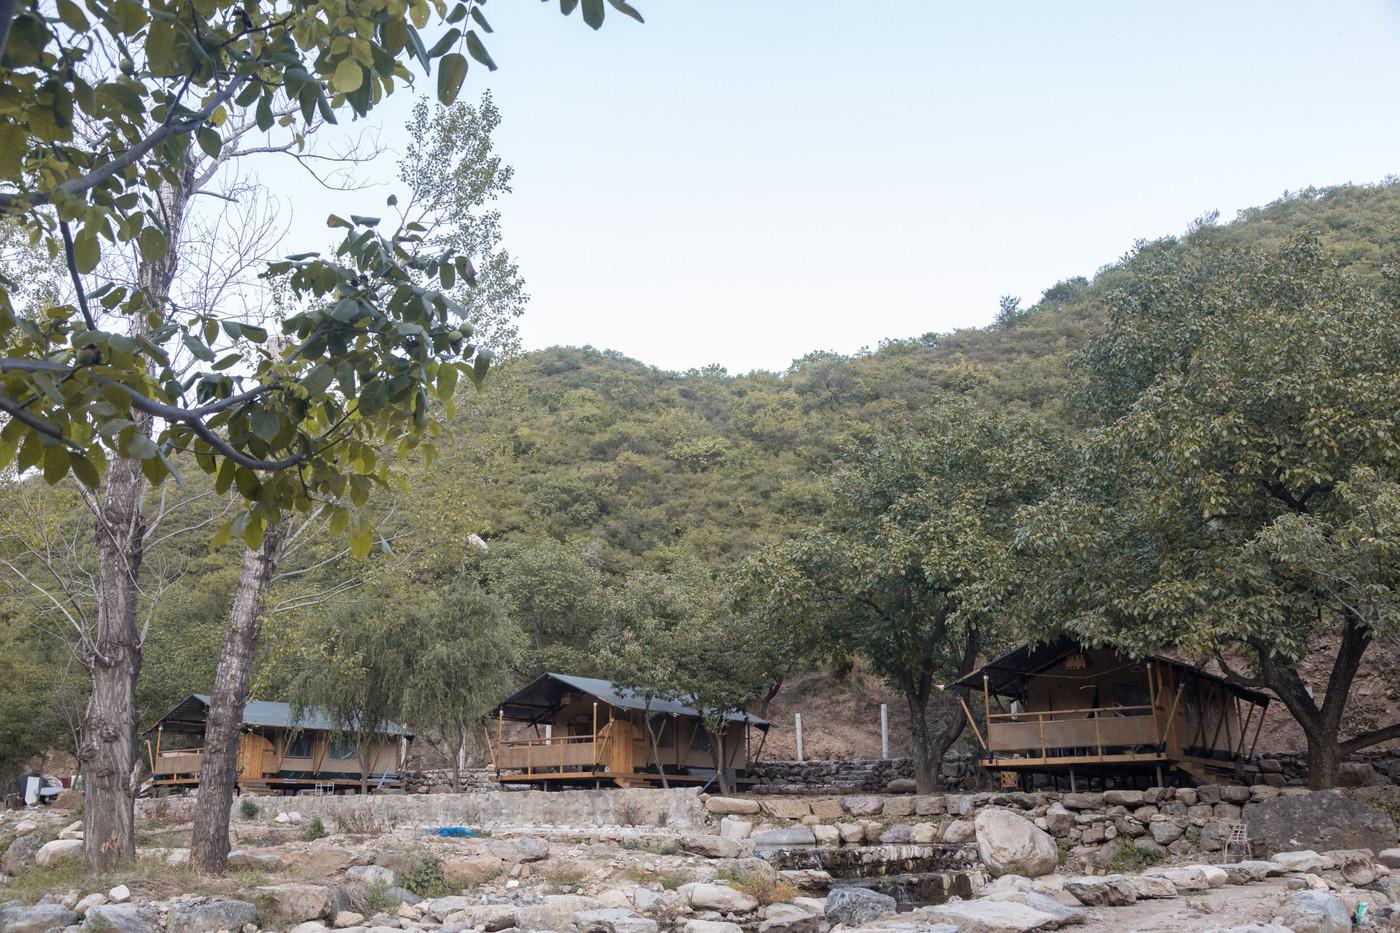 喜马拉雅野奢帐篷酒店一北京石头 剪刀 布一私享院子 54平山谷型  4